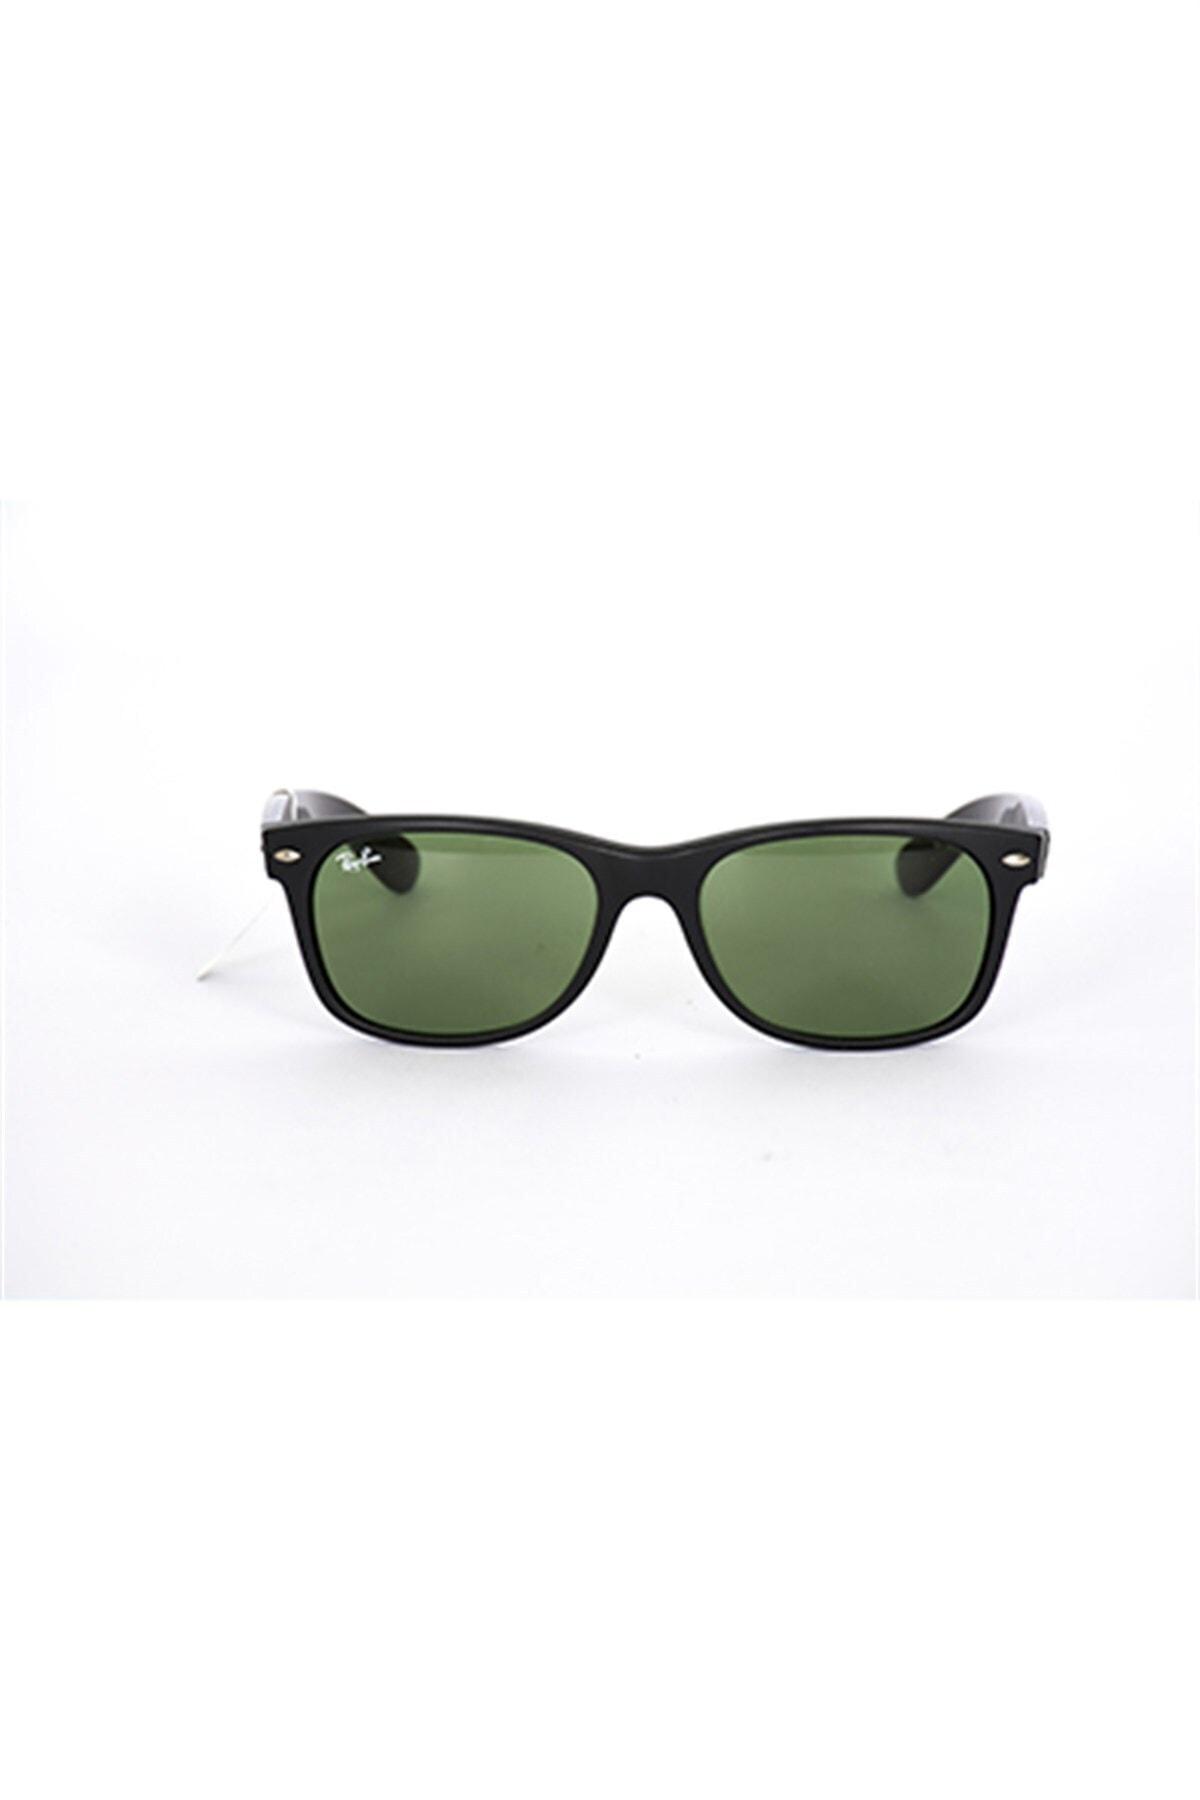 فروش انلاین عینک آفتابی بچه گانه پسرانه مجلسی برند ری بن رنگ مشکی کد ty84757362